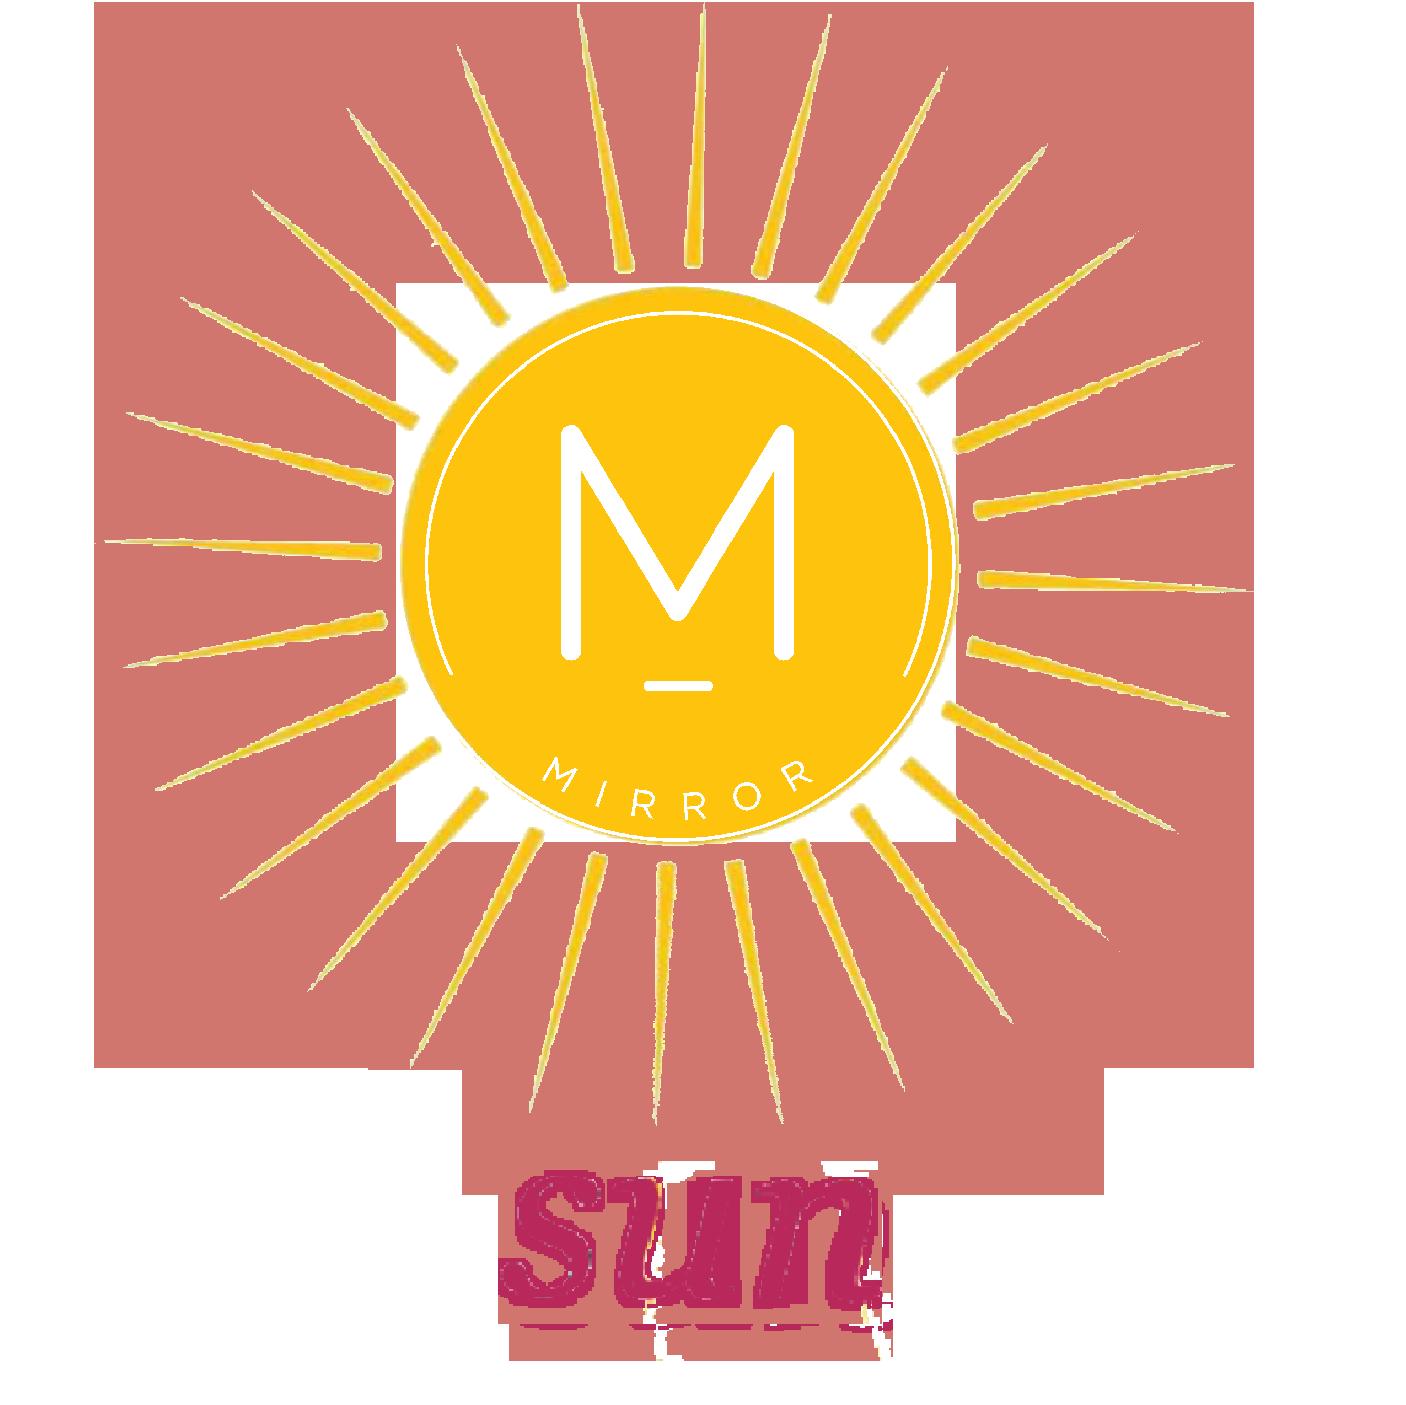 Mirror - sun